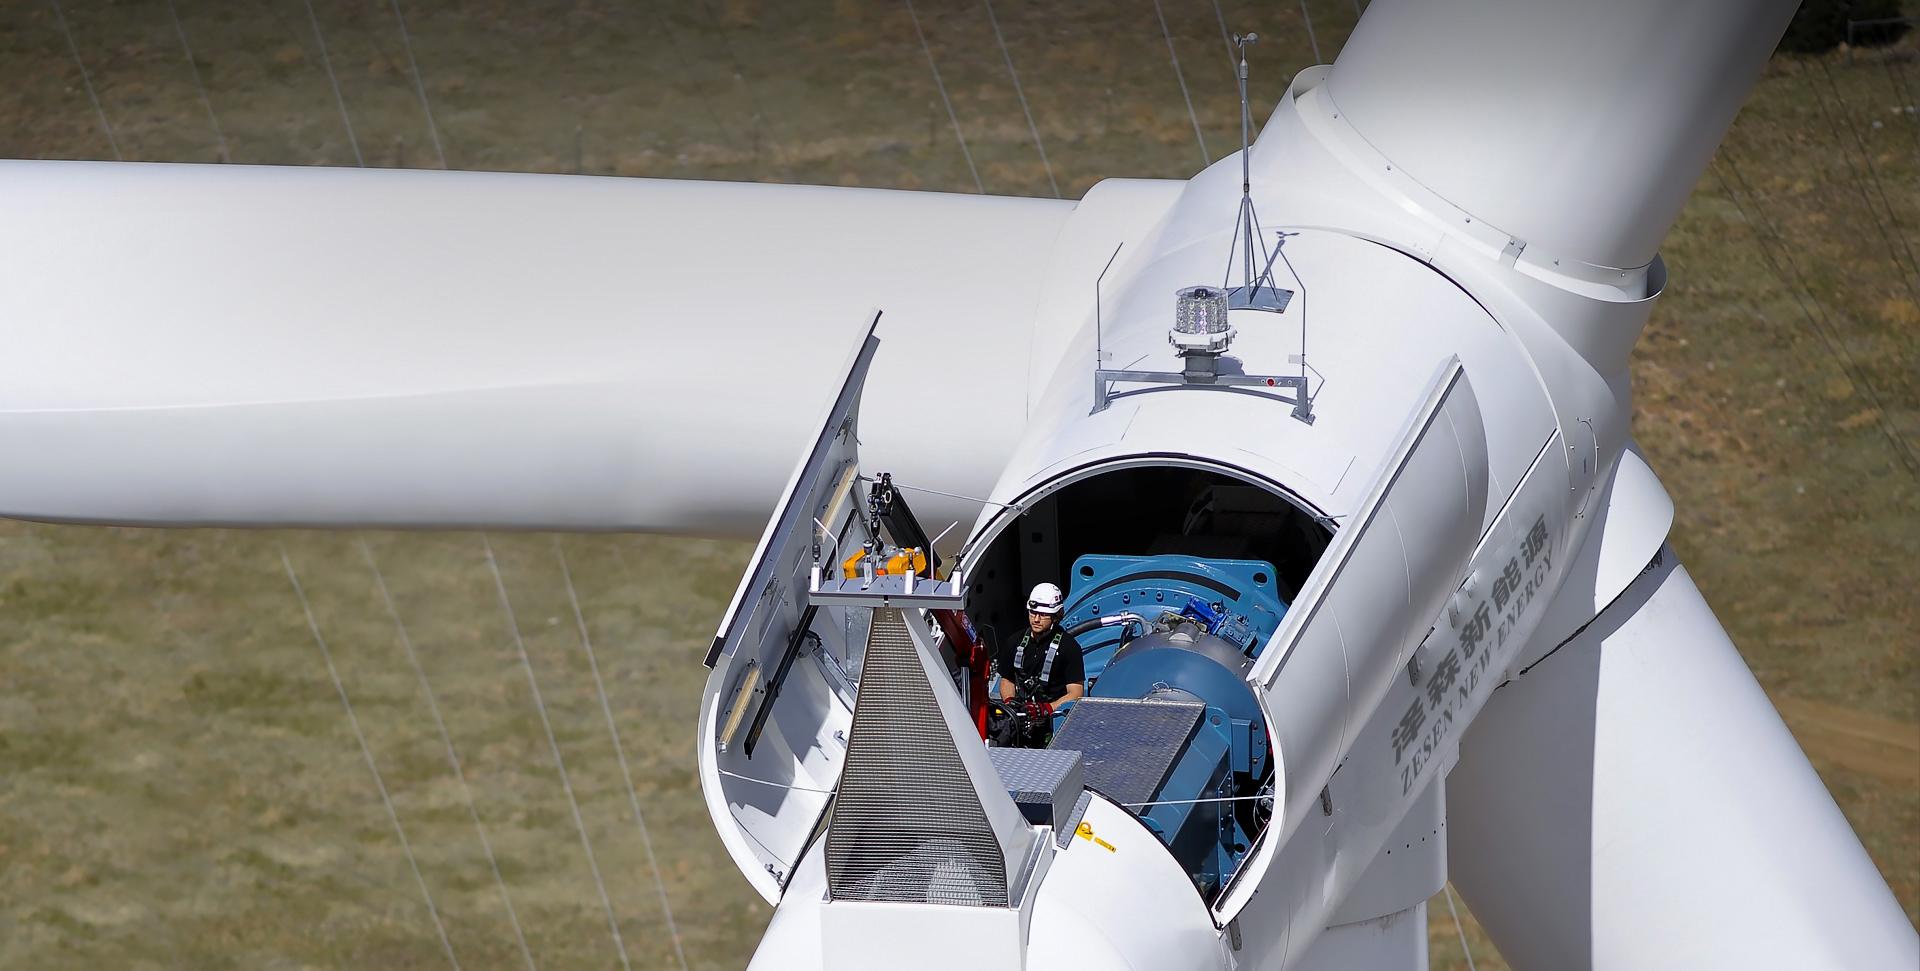 泽森新能源分享超声波风速风向仪要求